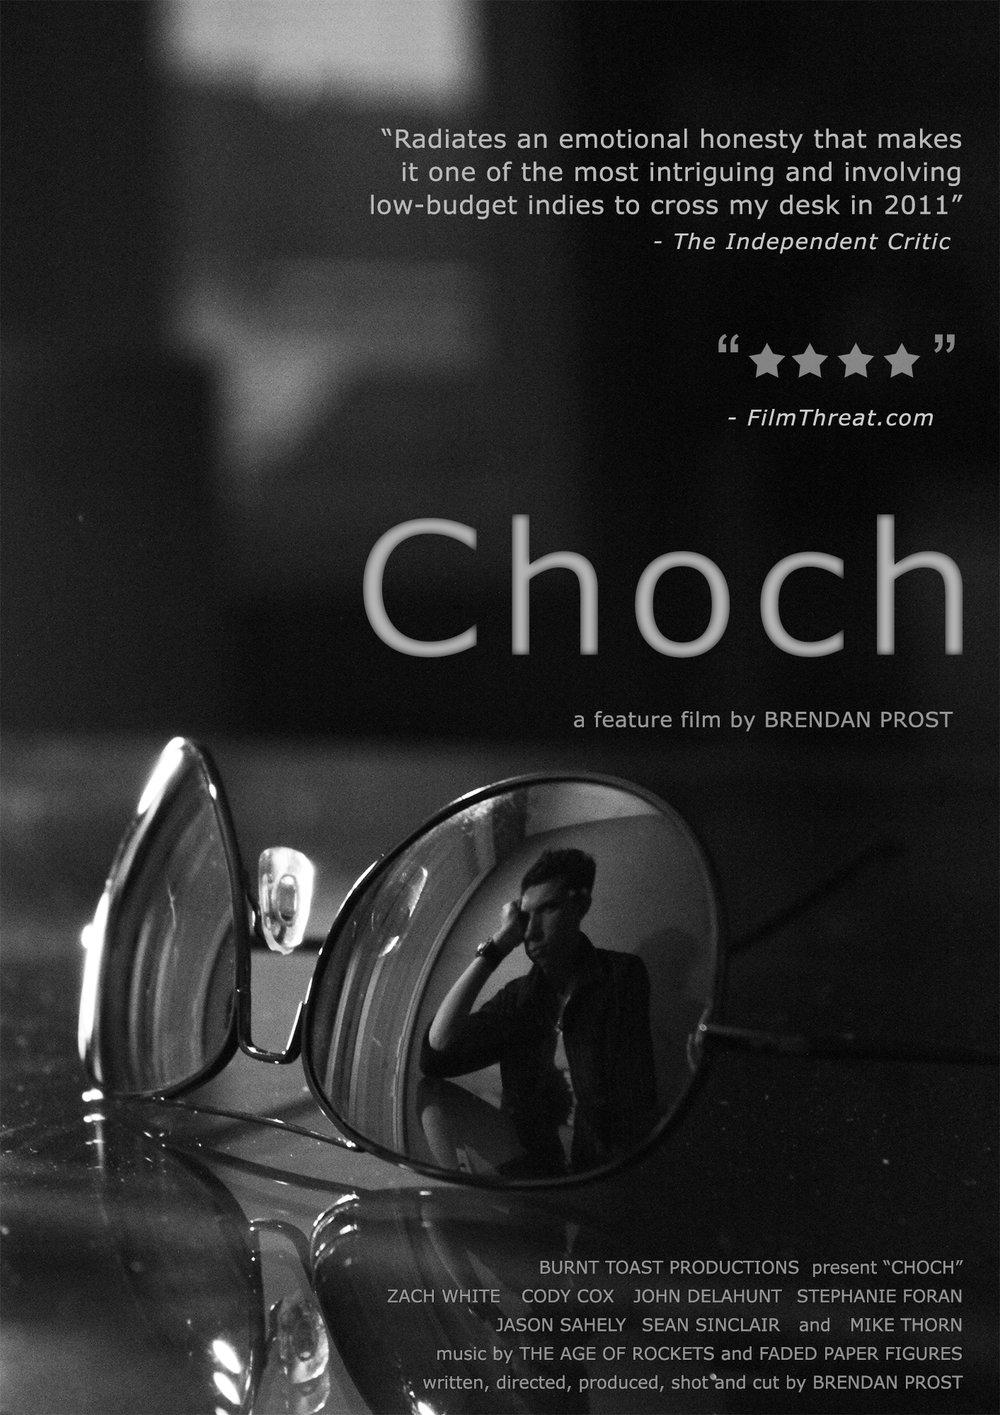 CHOCH - 2011 / Drama / 95mins